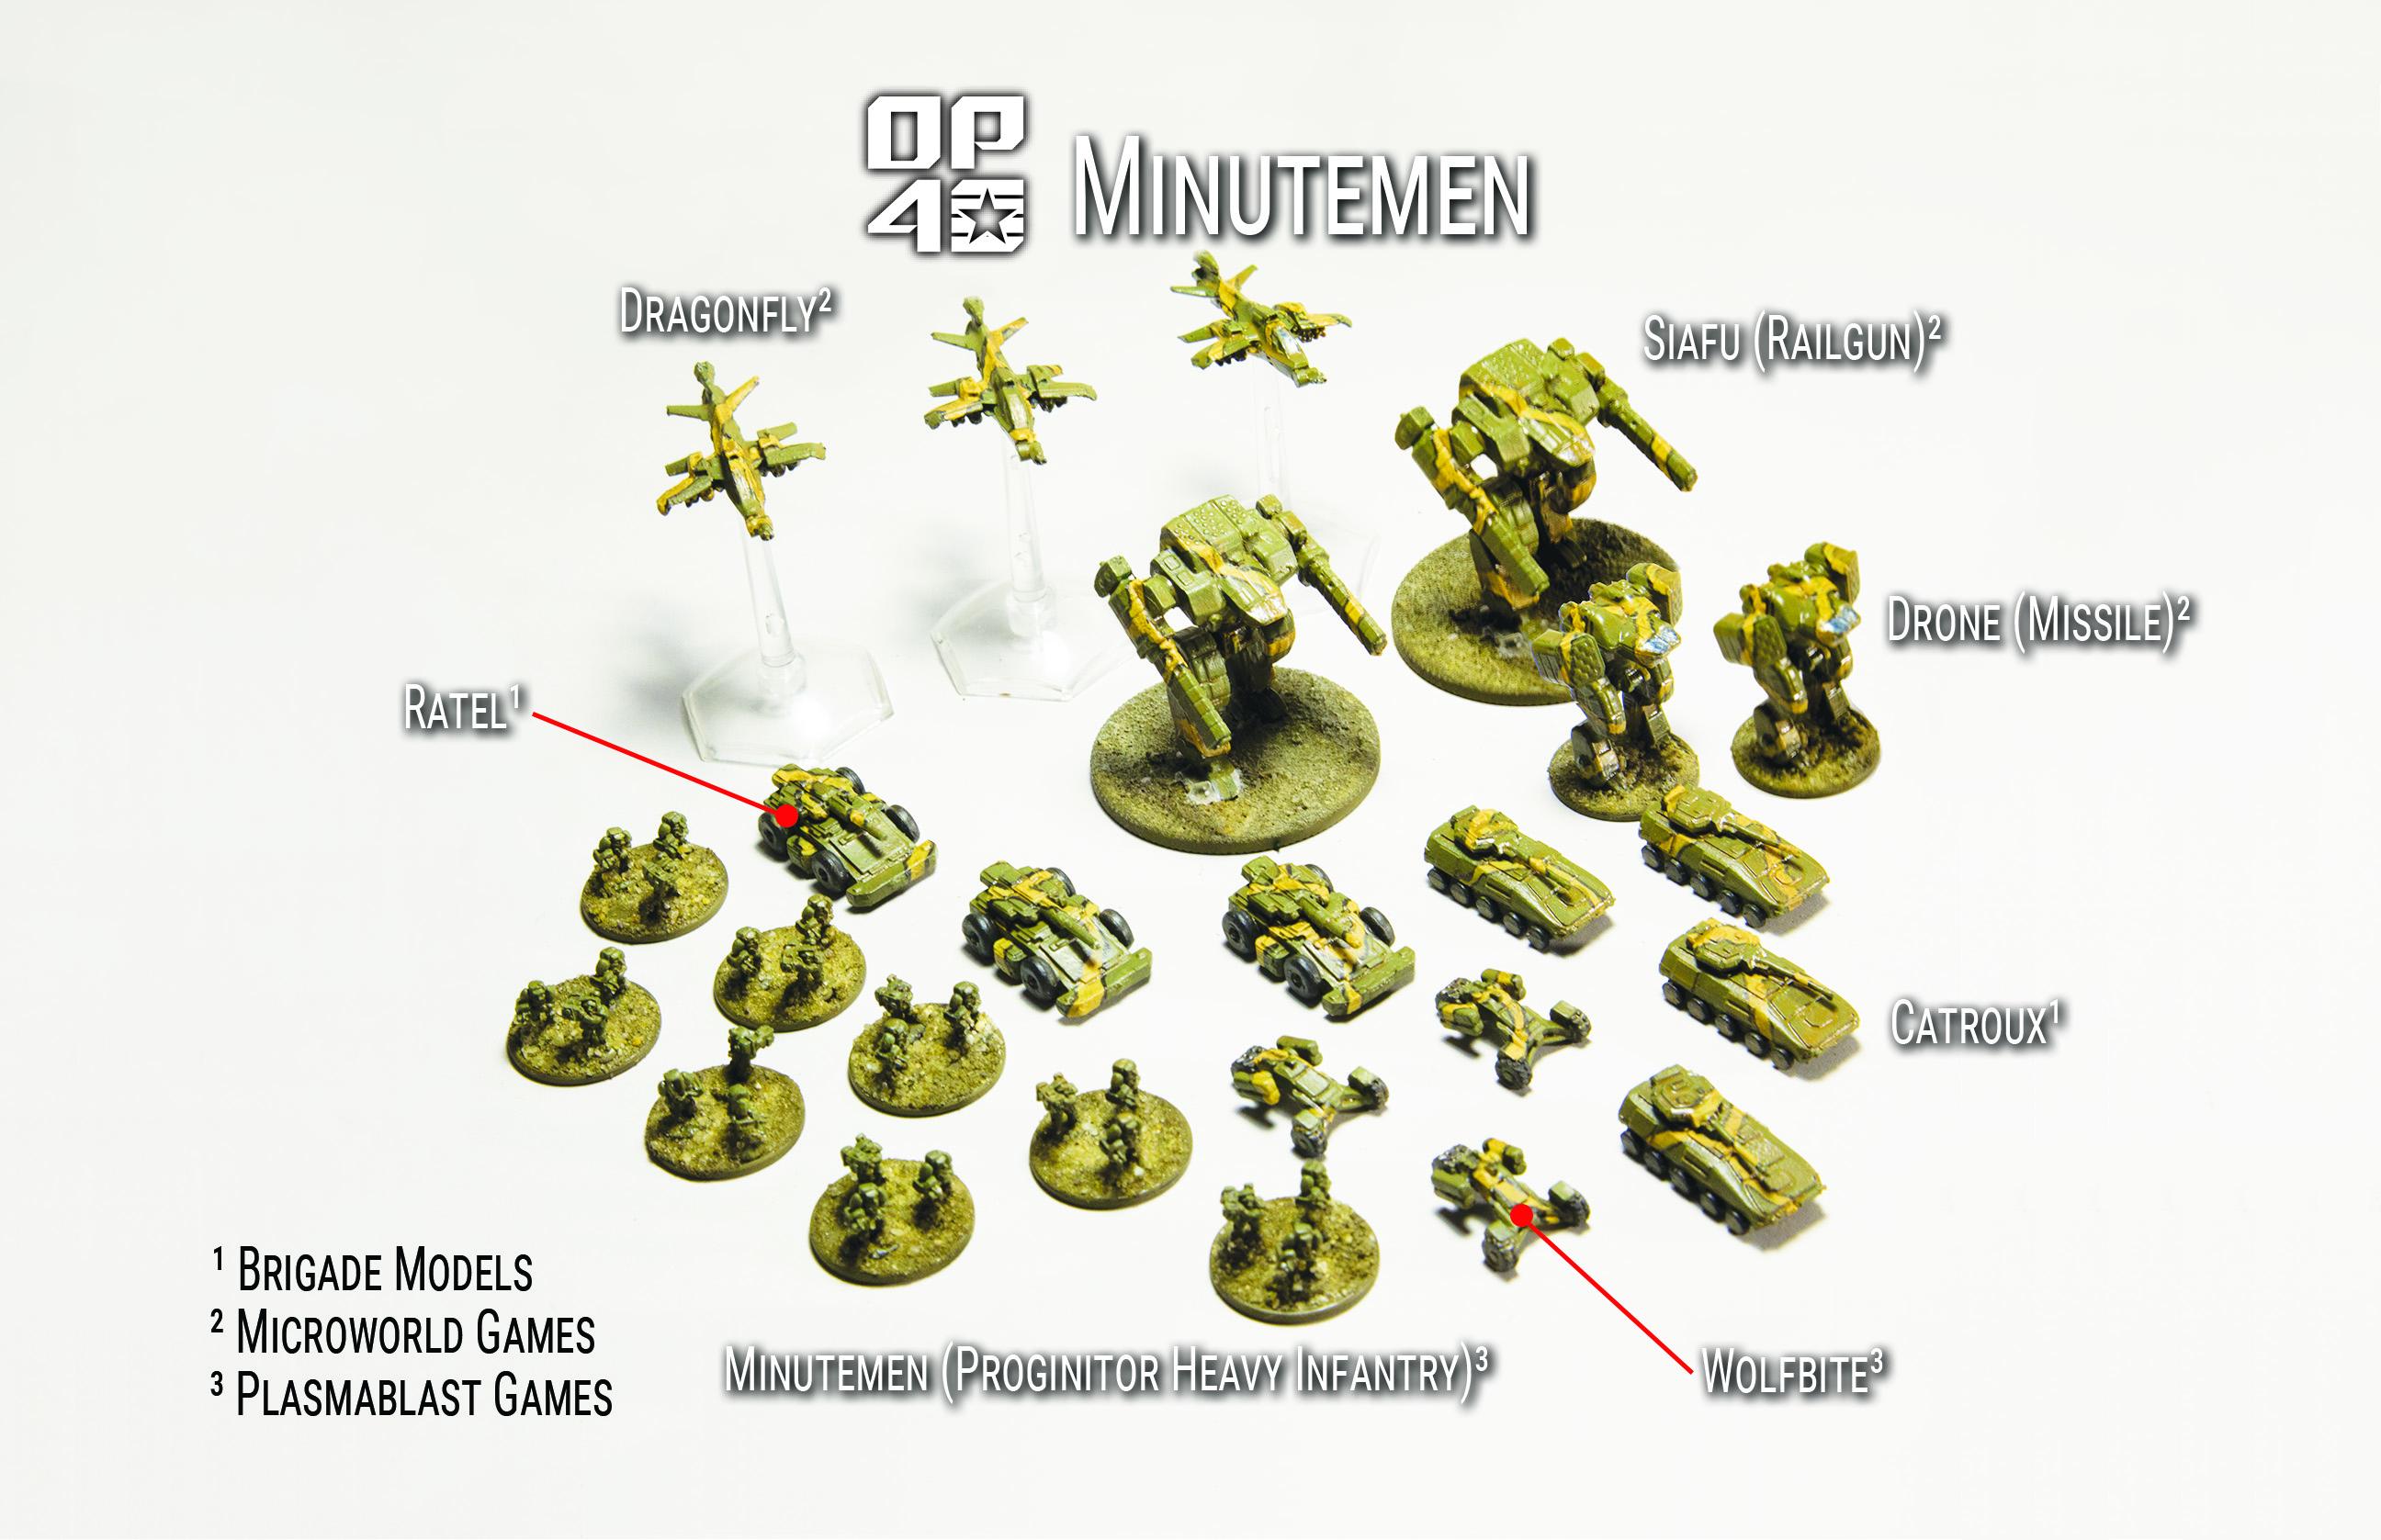 OPFOR Minutemen